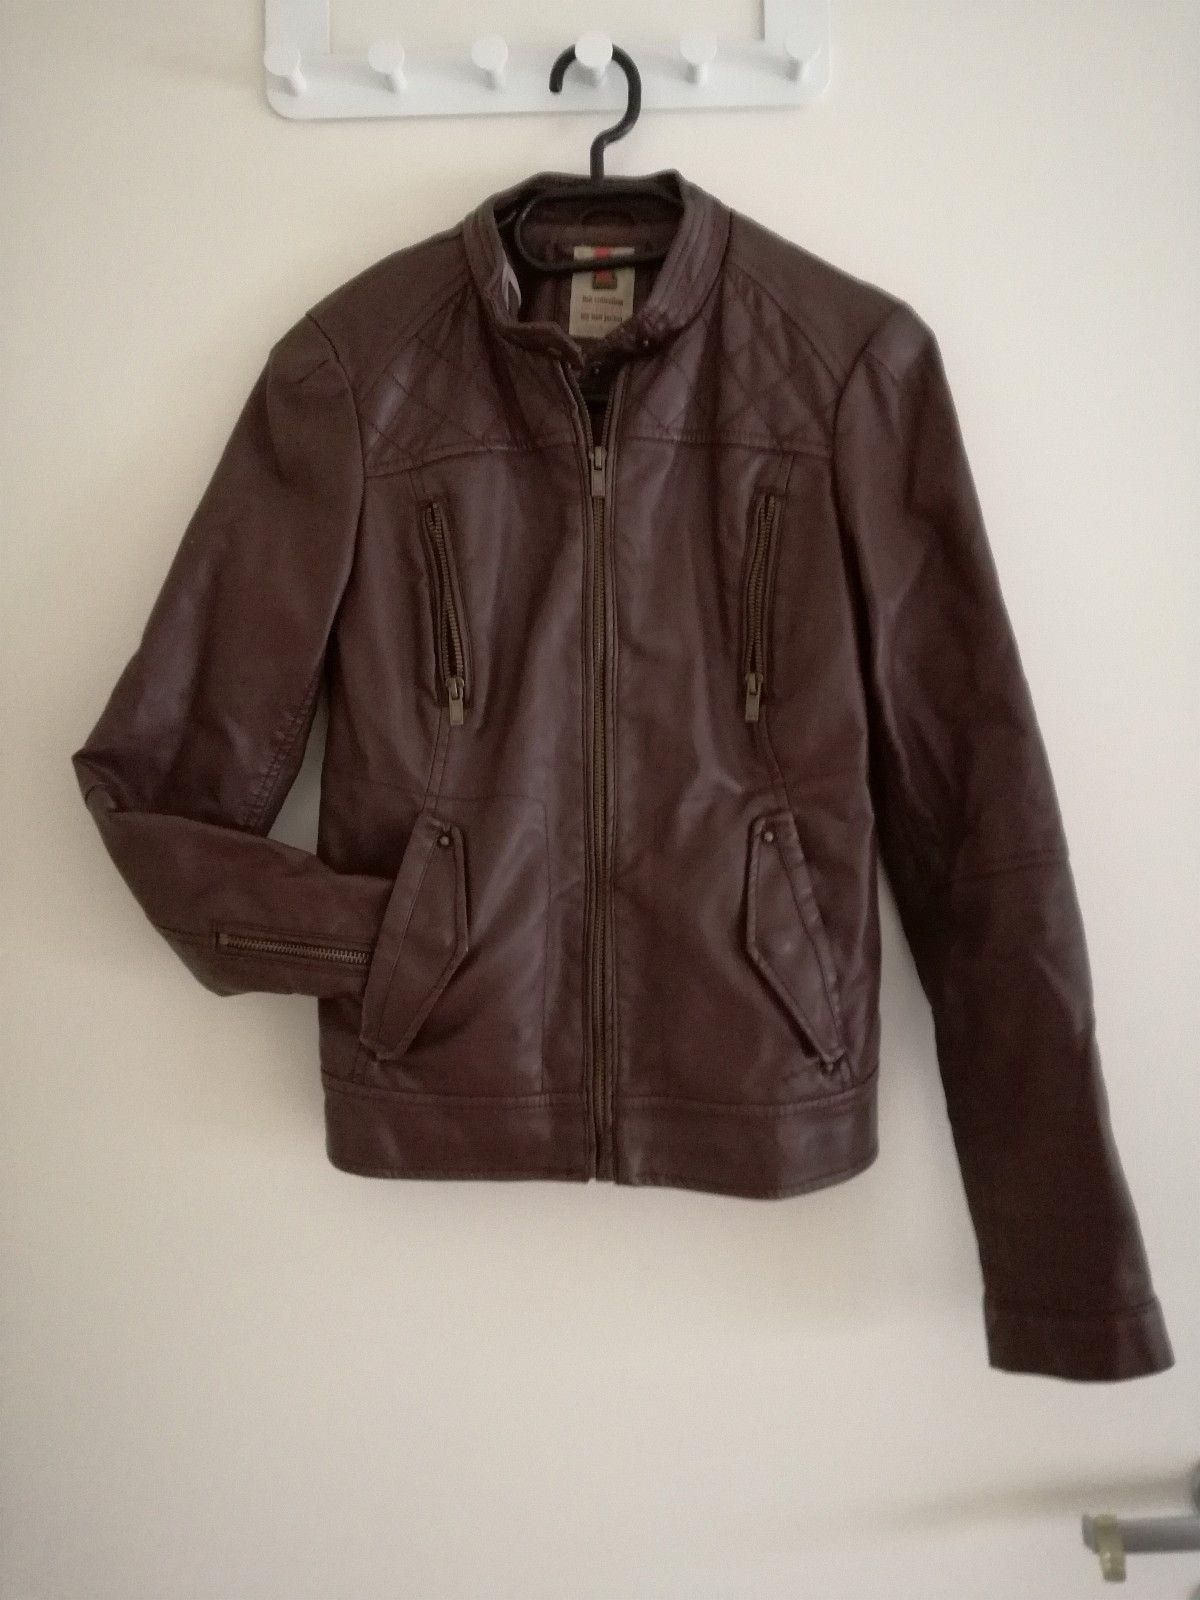 women's jacket - Rud  - Size S Color brown - Rud